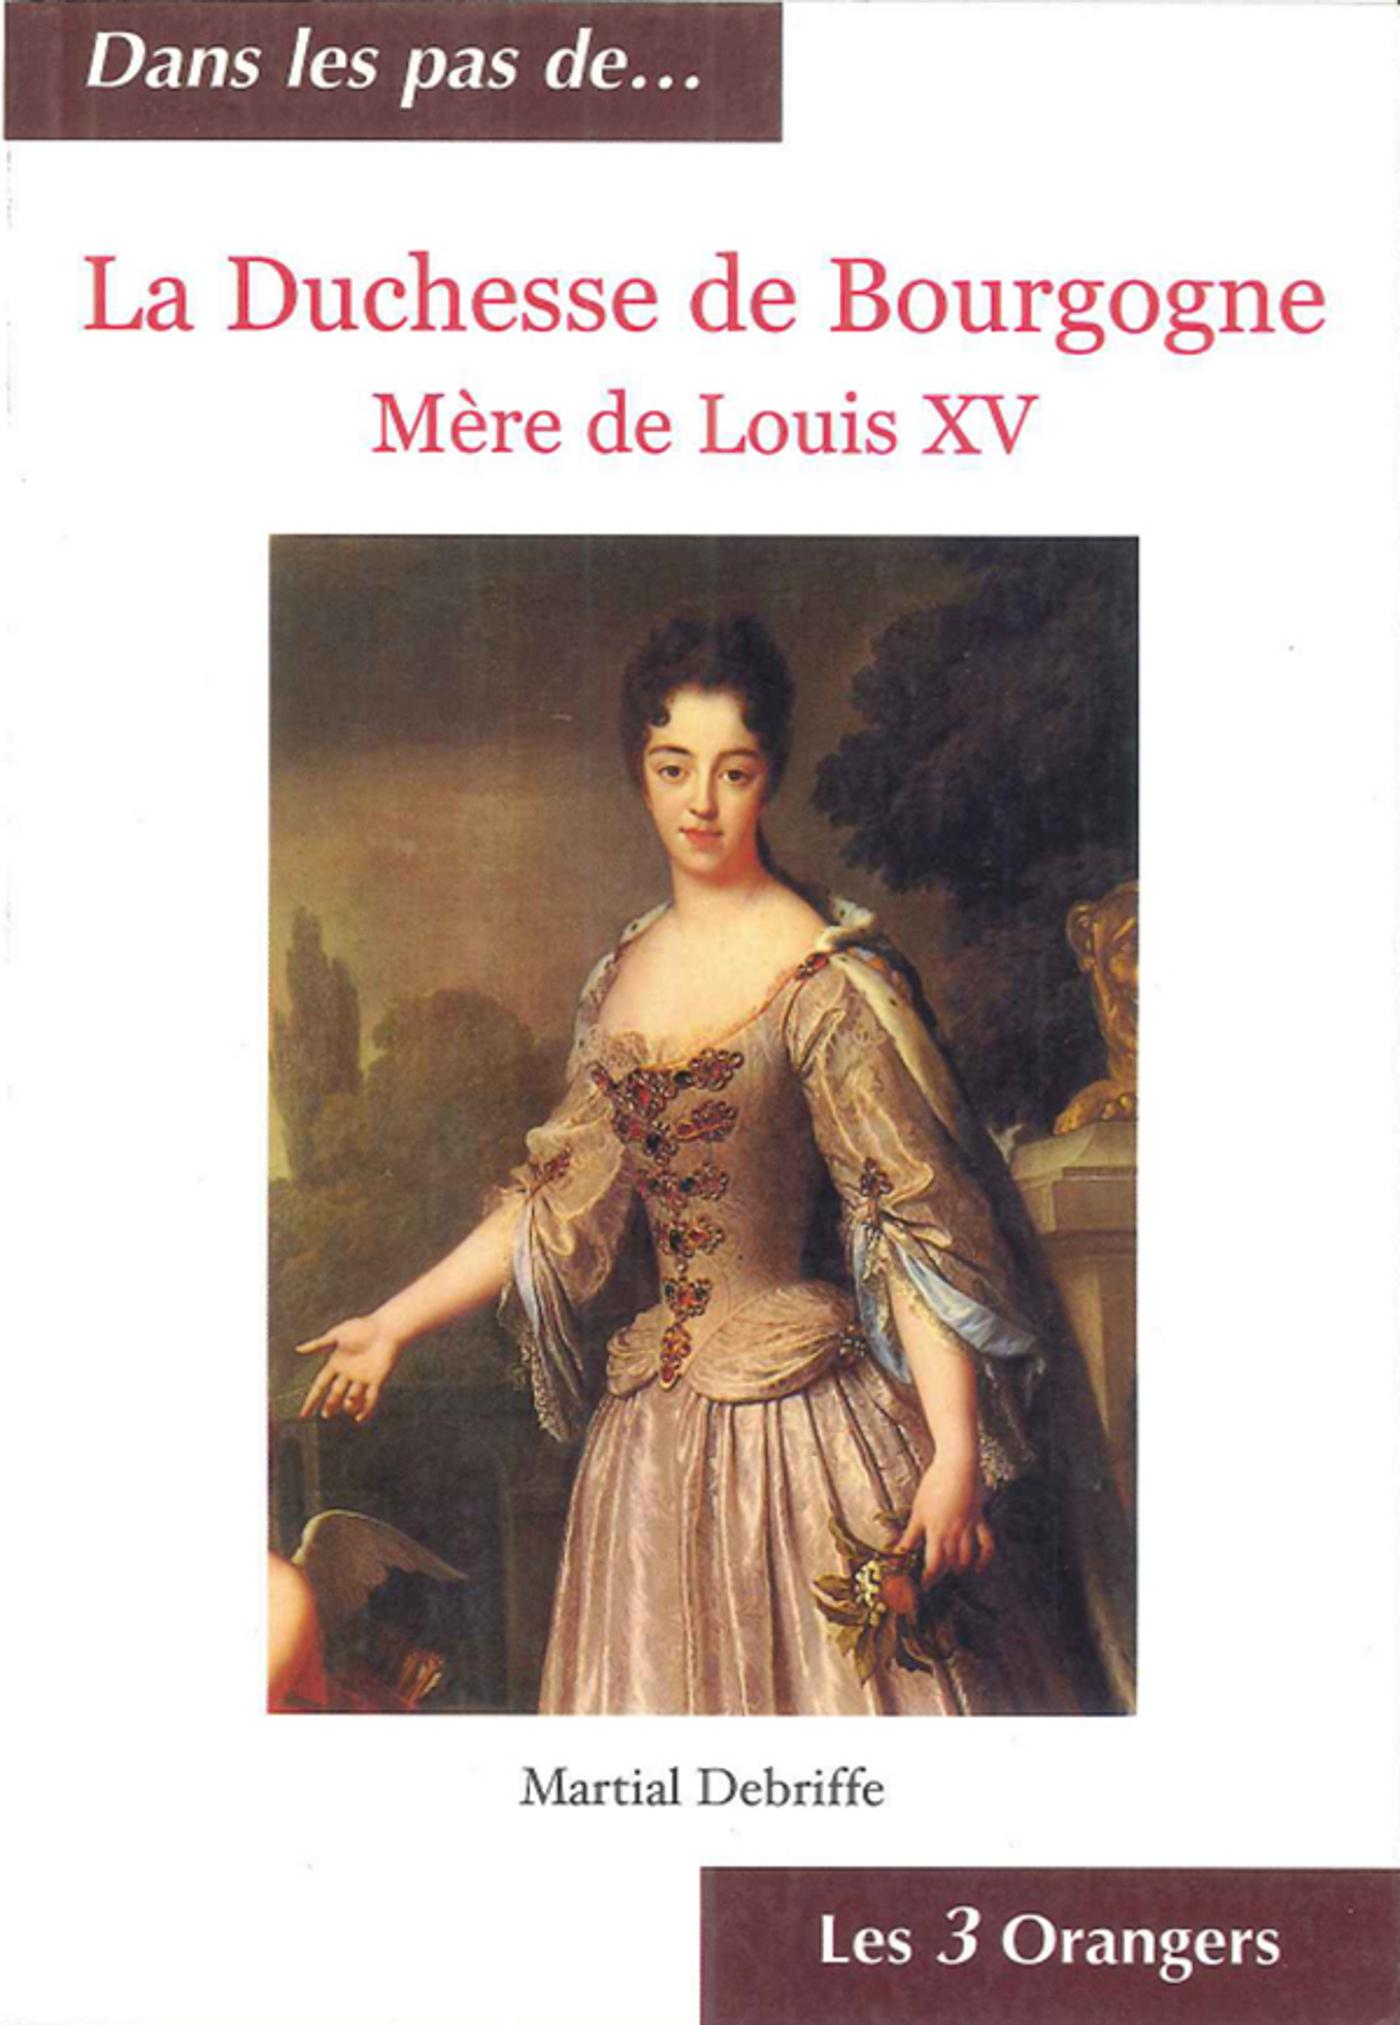 La Duchesse de Bourgogne - Mère de Louis XV